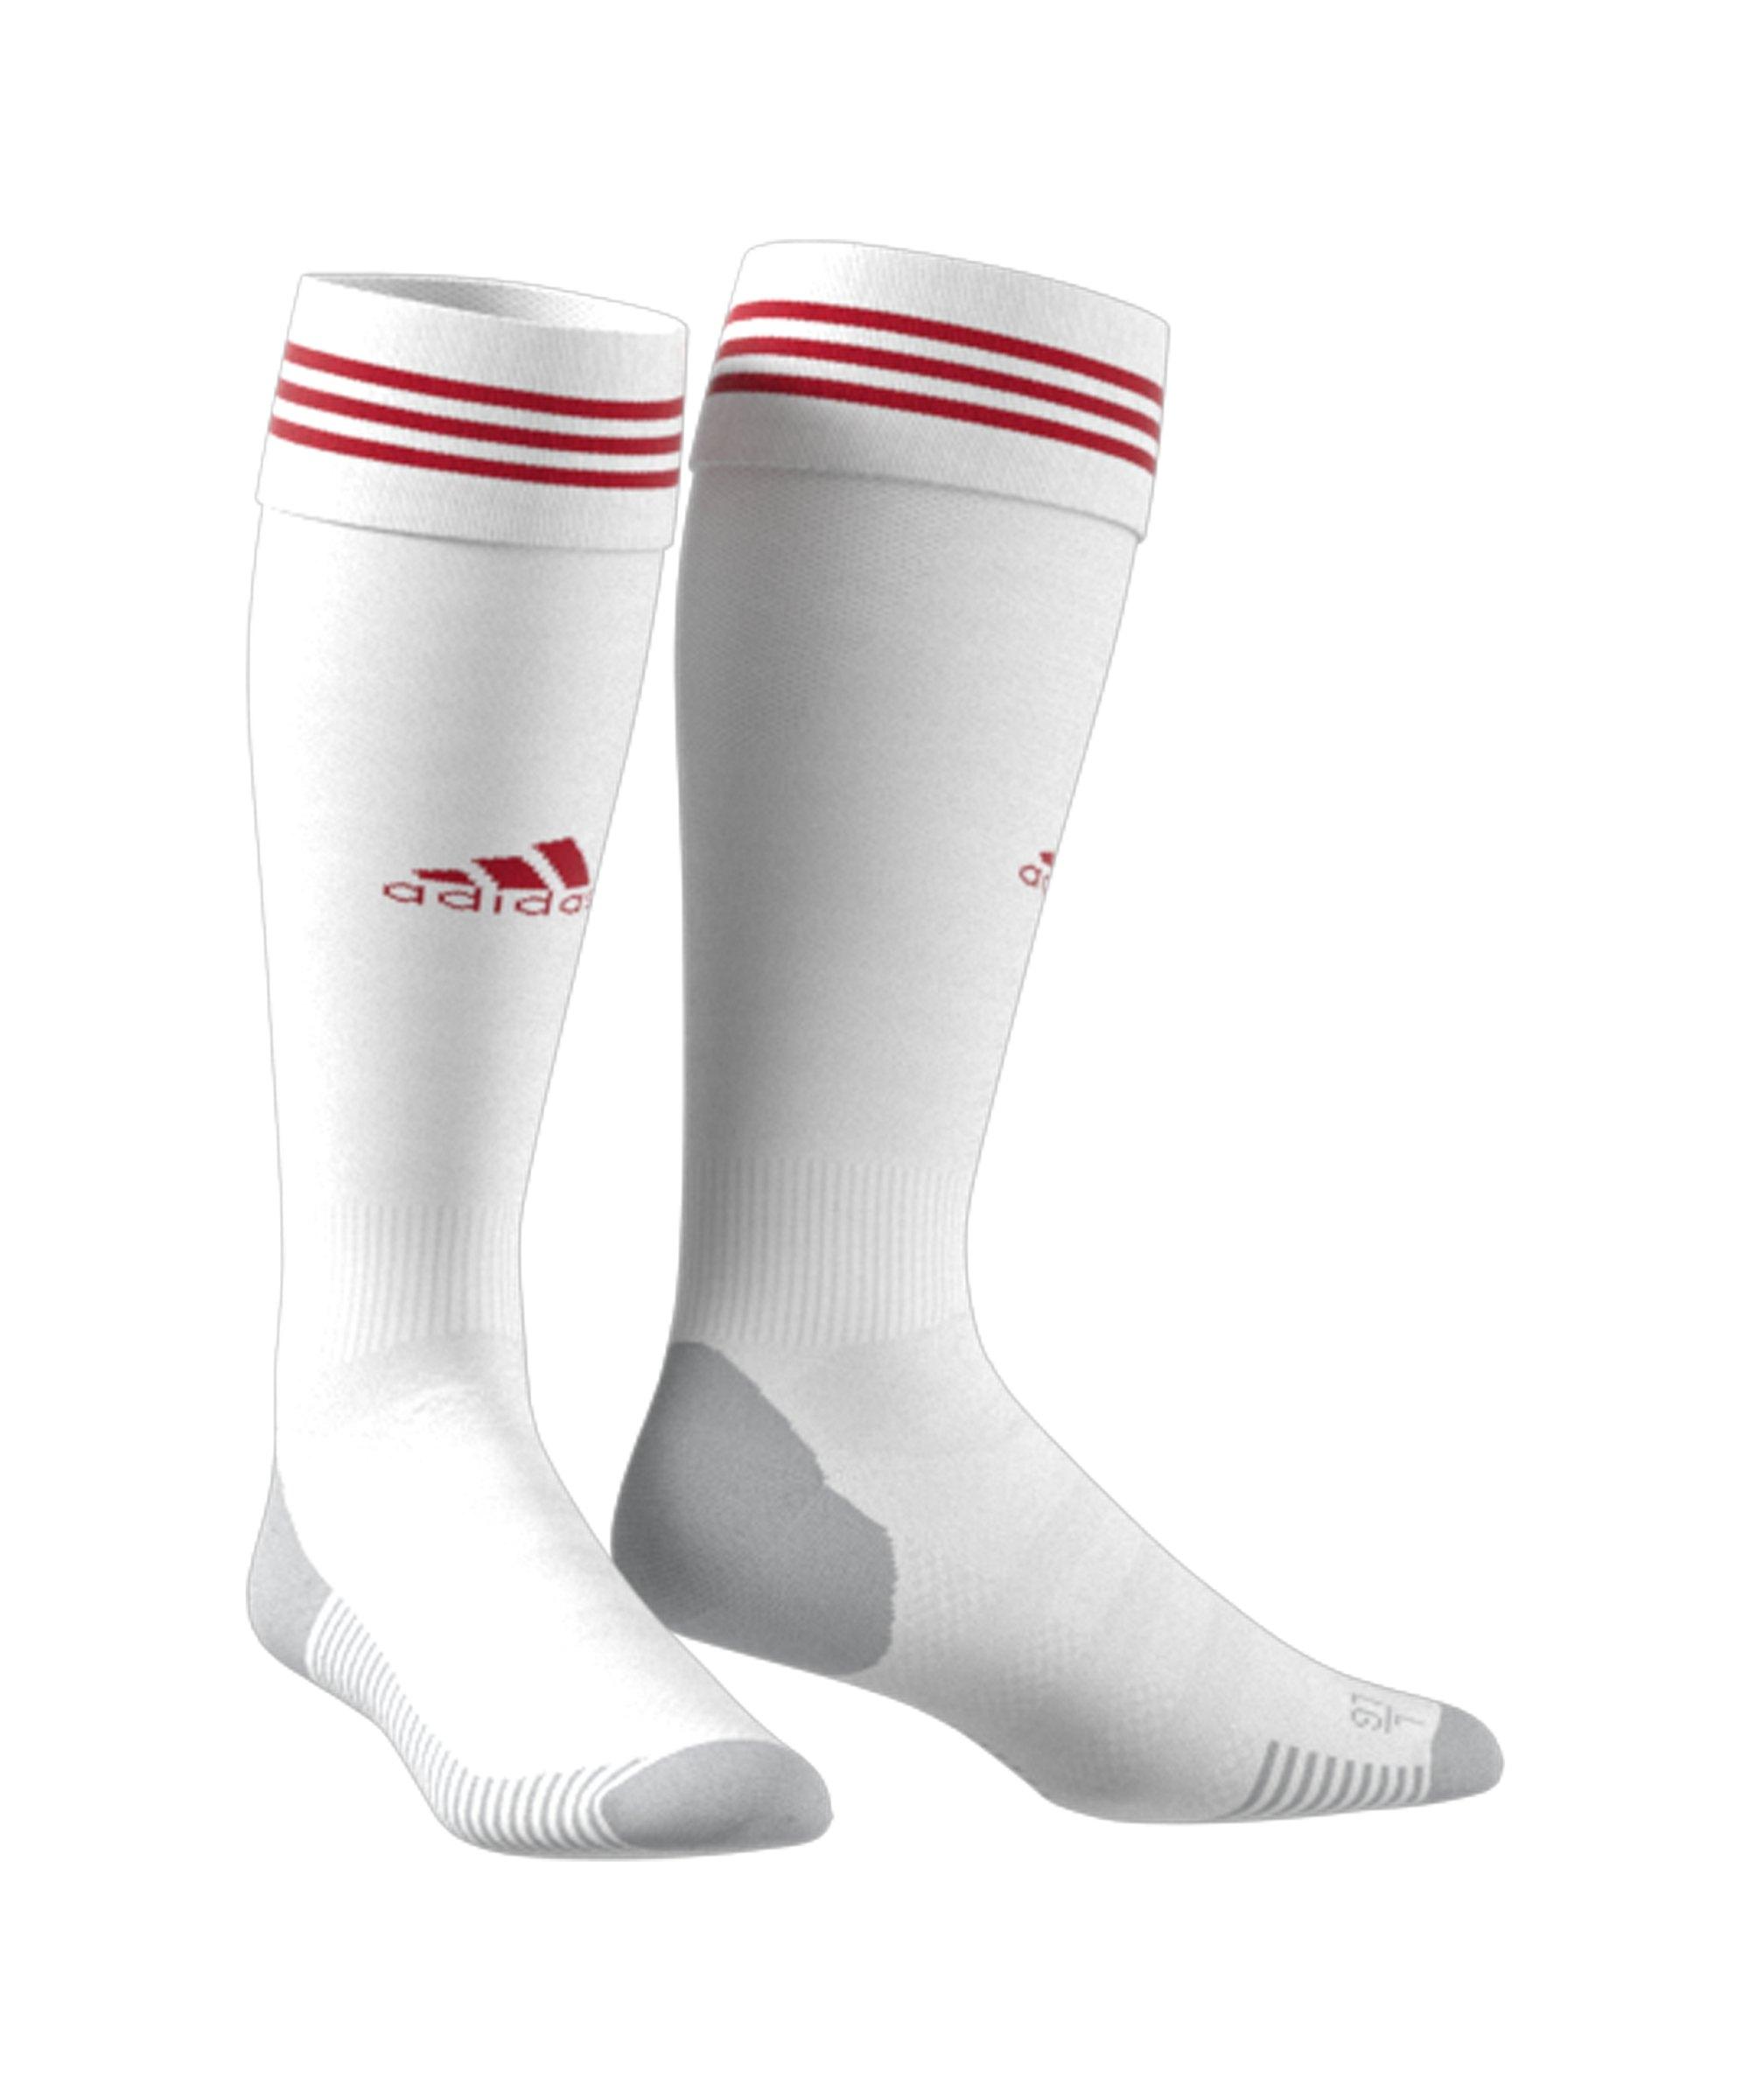 adidas 1. FC Nürnberg Stutzen Away 21/22 Weiss - weiss